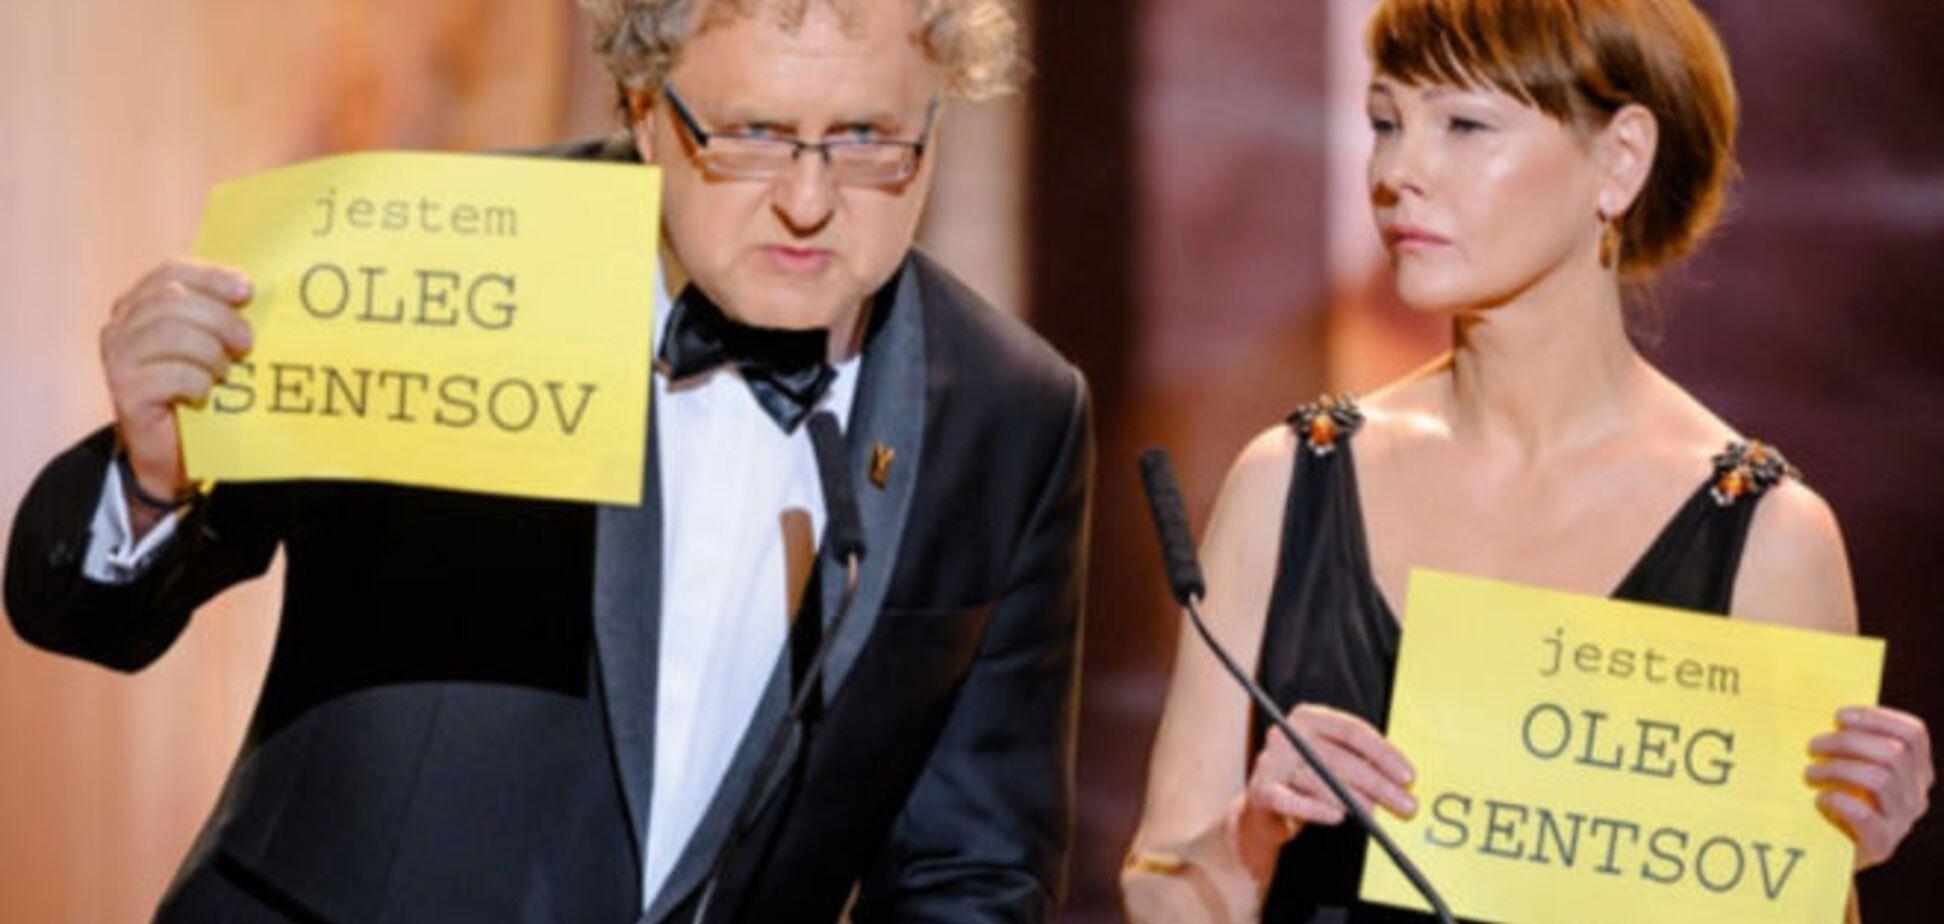 На Каннском кинофестивале требовали освободить Сенцова